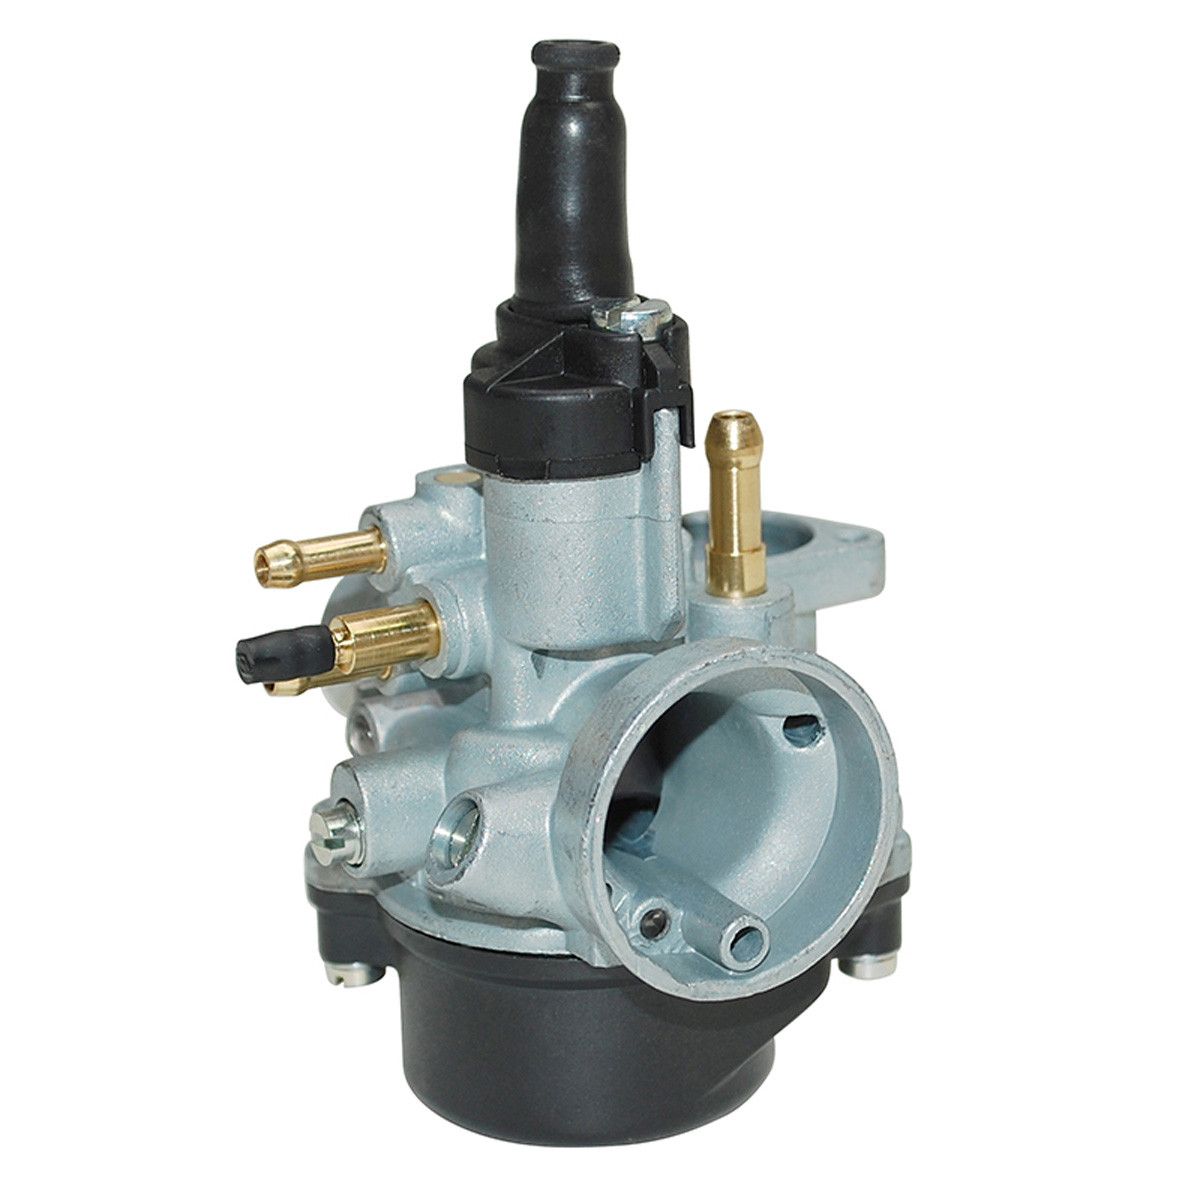 Carburateur 17.5mm PHVA TS - Dellorto Sortie gaz droite / Starter Automatique ou Manuel